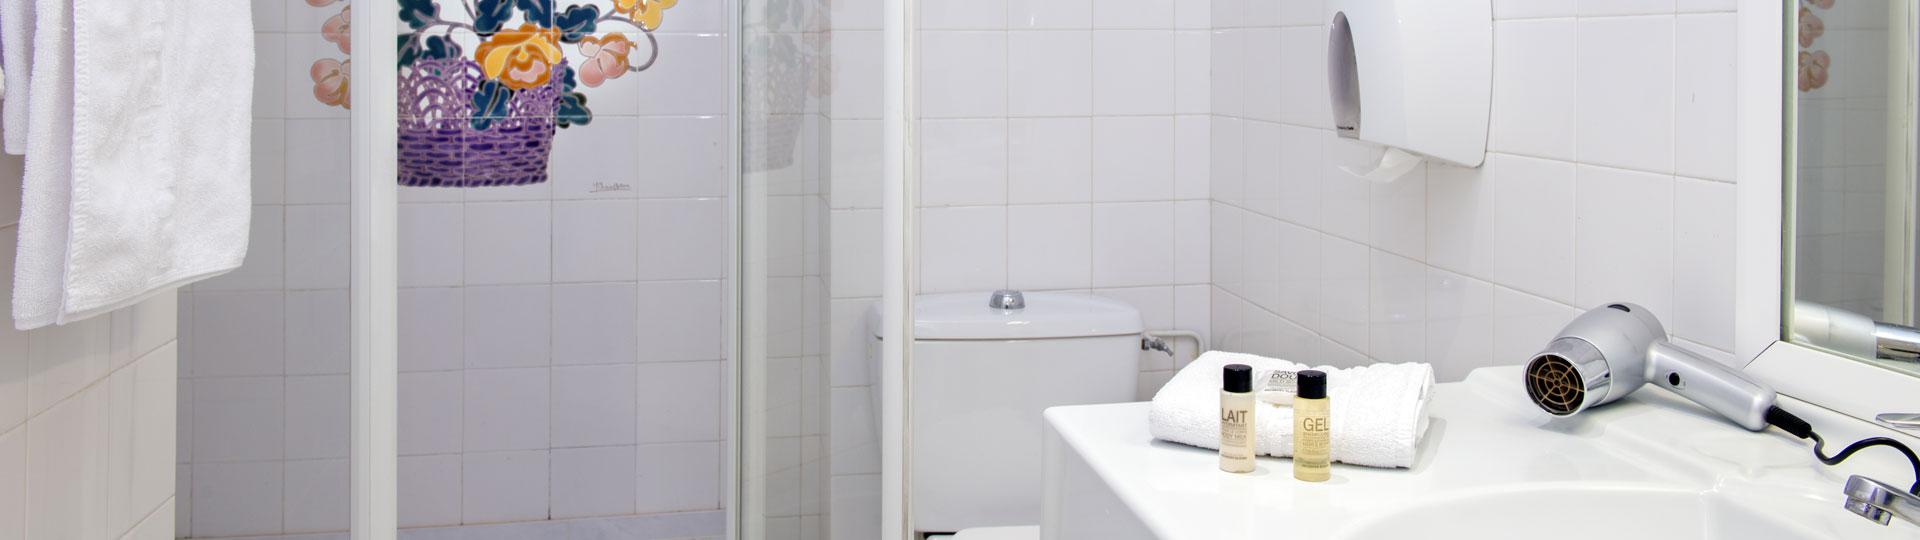 Salle de bain d'une chambre single de l'hôtel Le Royal à Nice